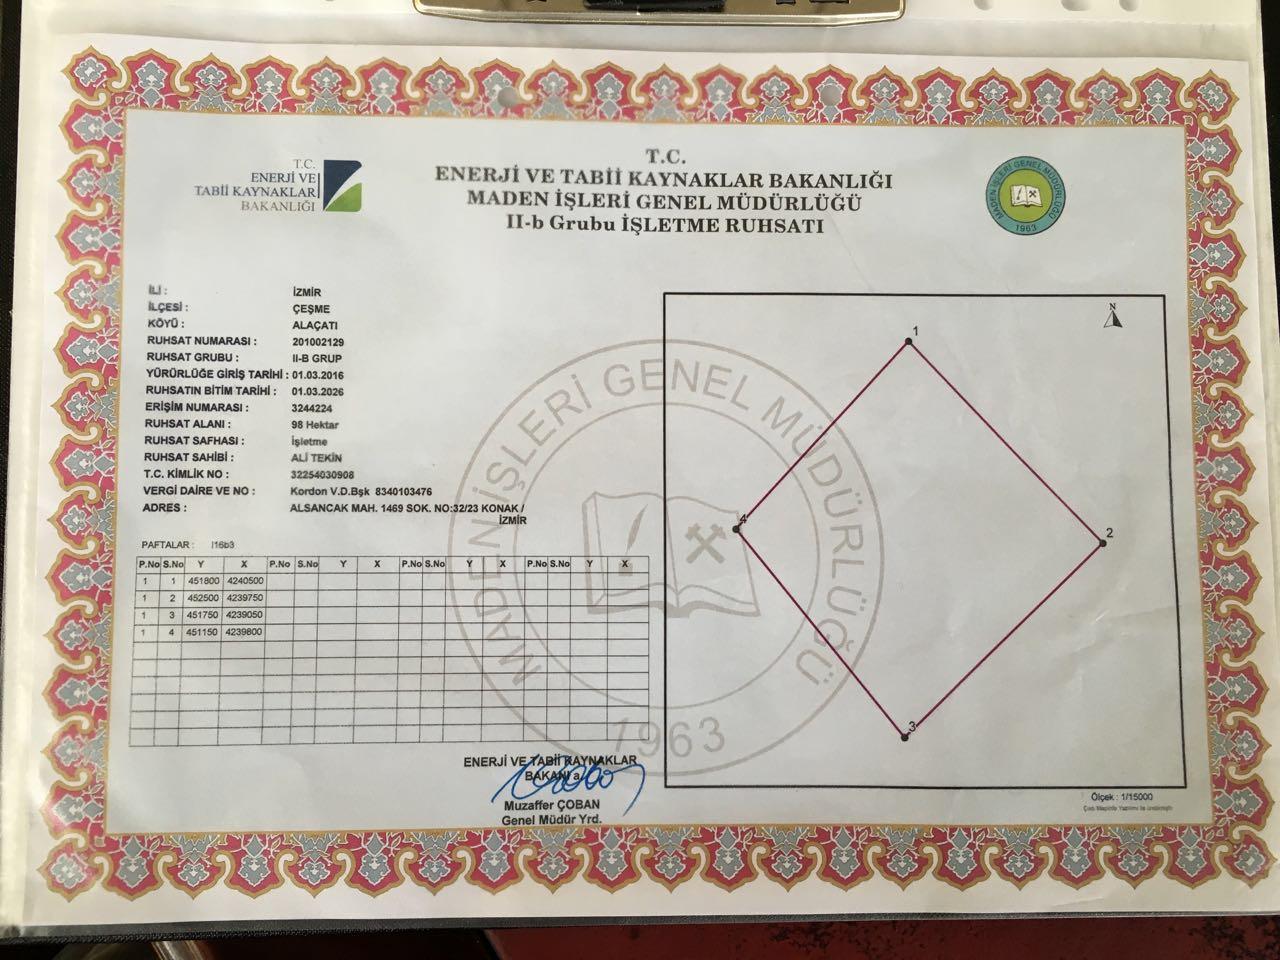 K-1 İZM-U-NGT K1 35 53529